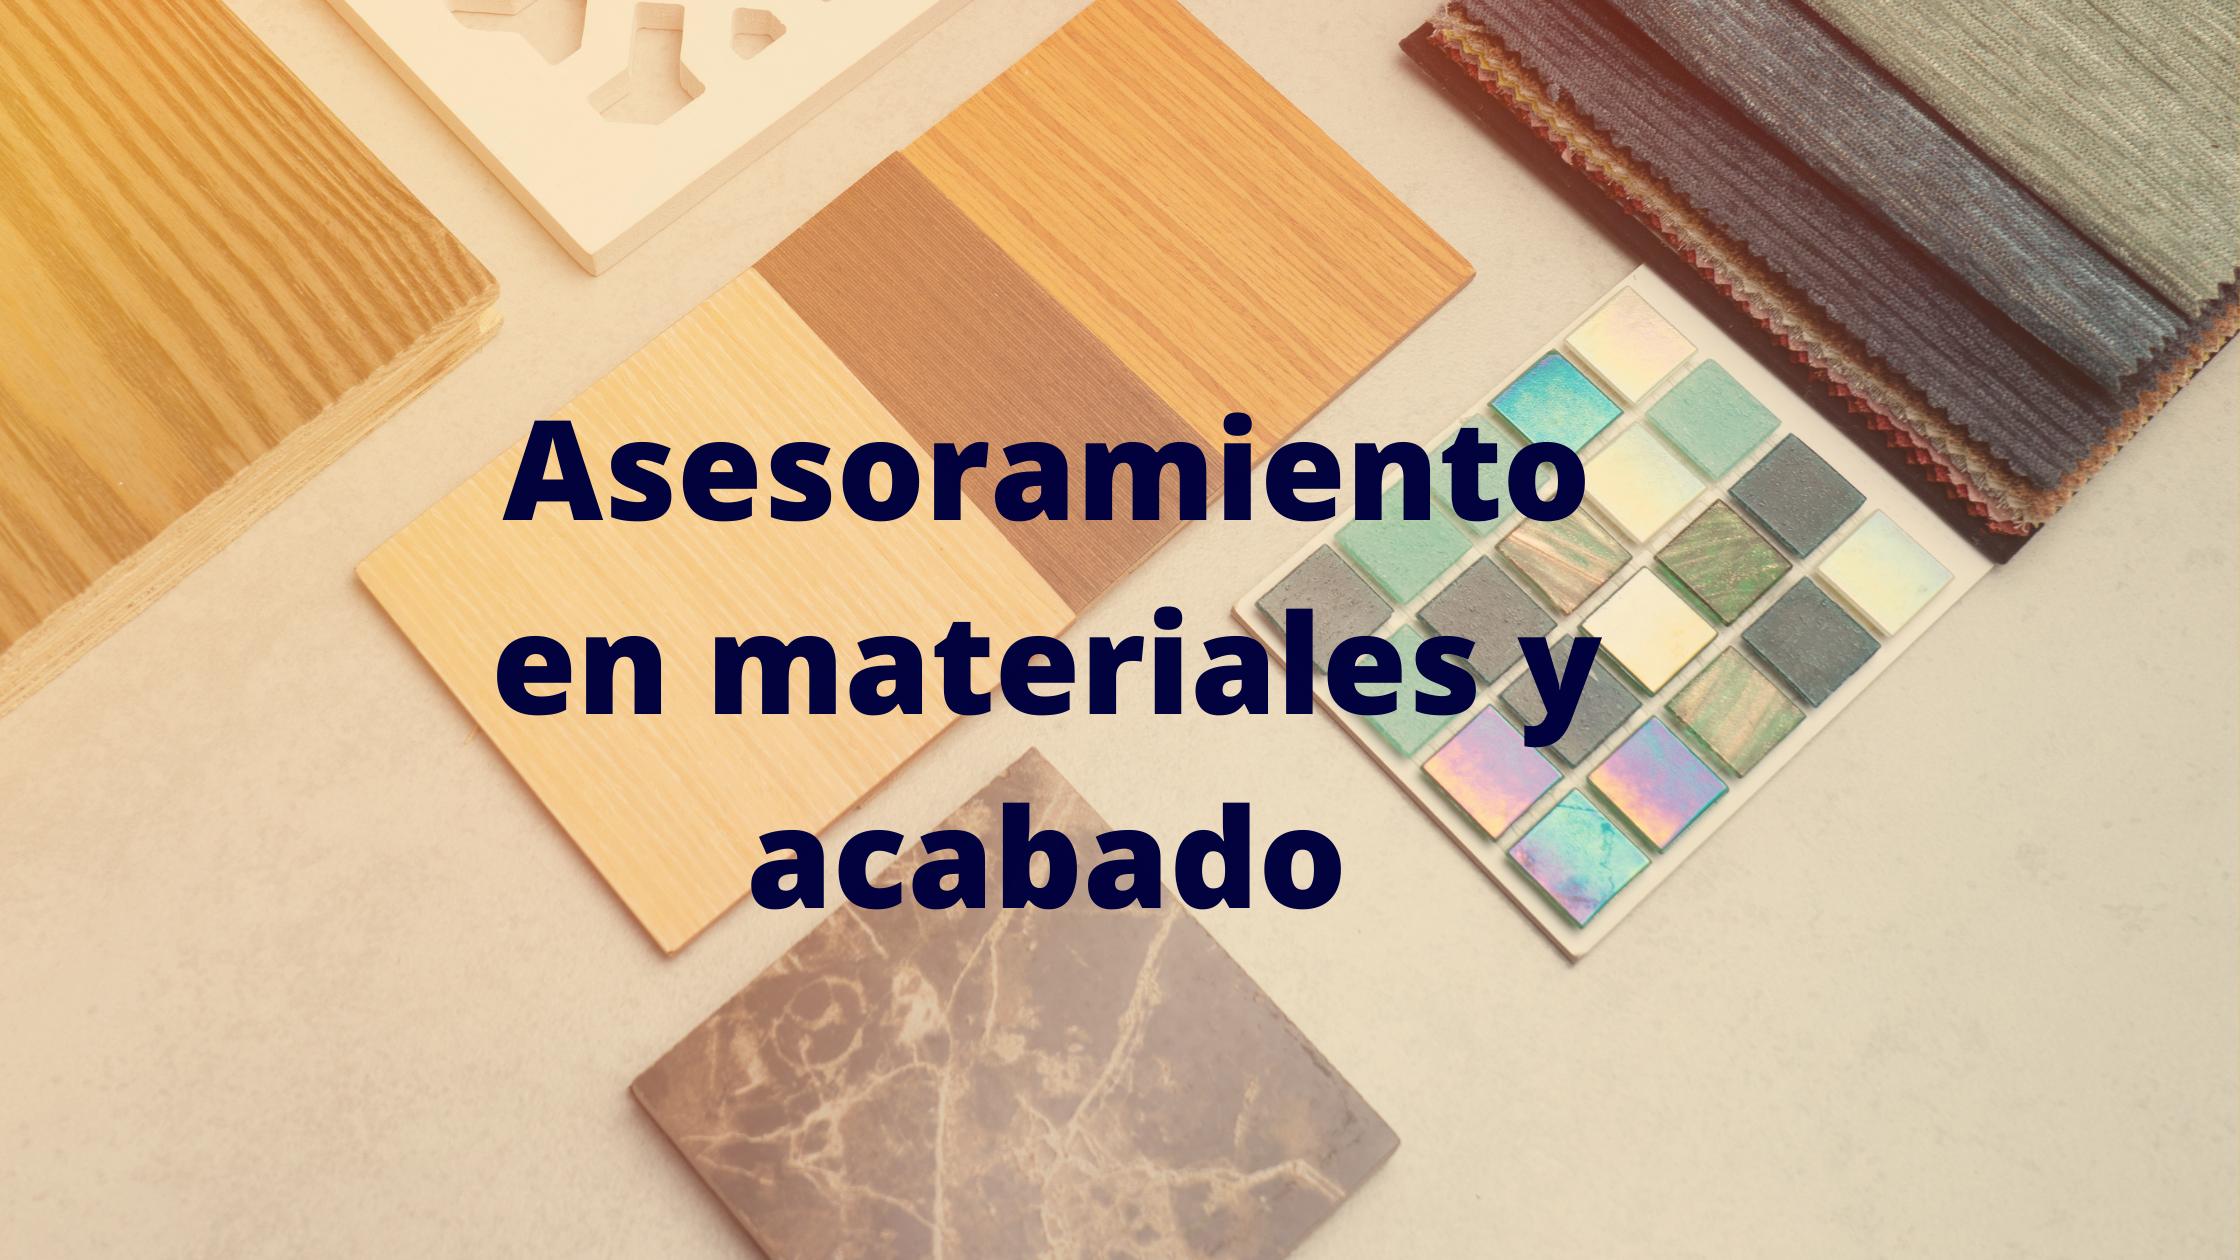 confiasistencia se encarga del asesoramiento en materiales y acabado